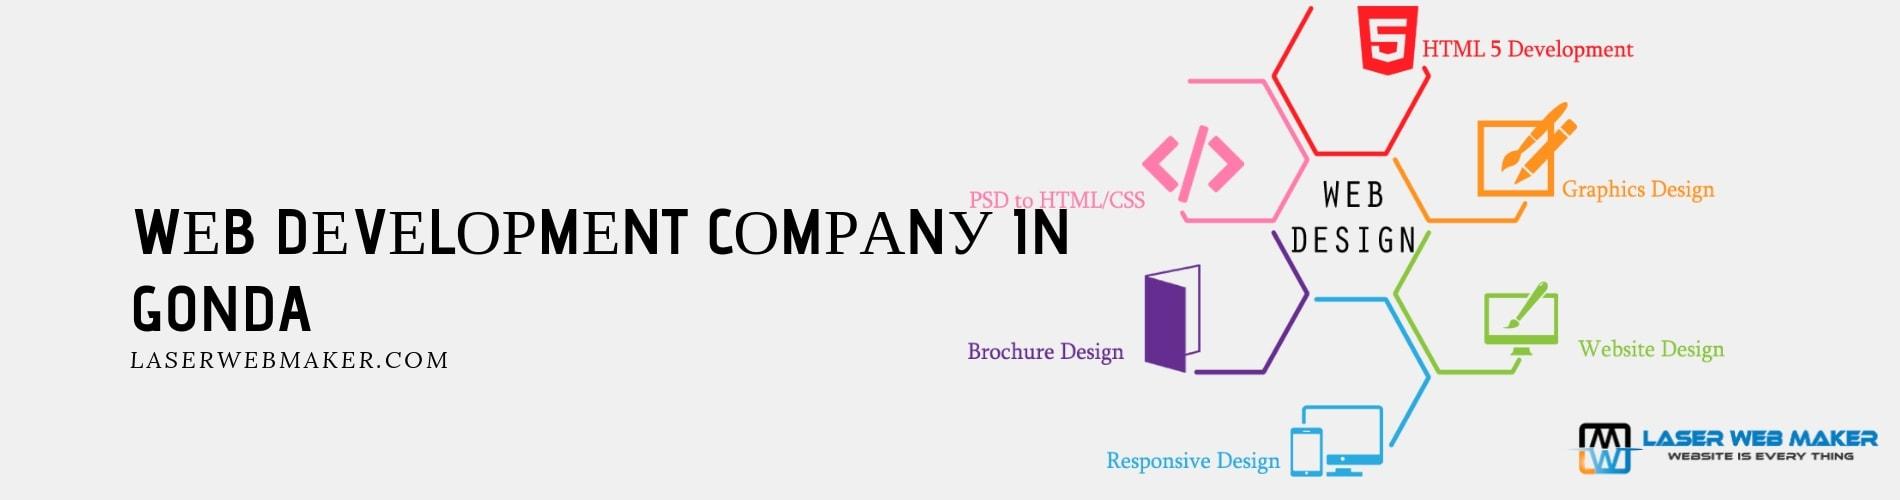 web development company in gonda